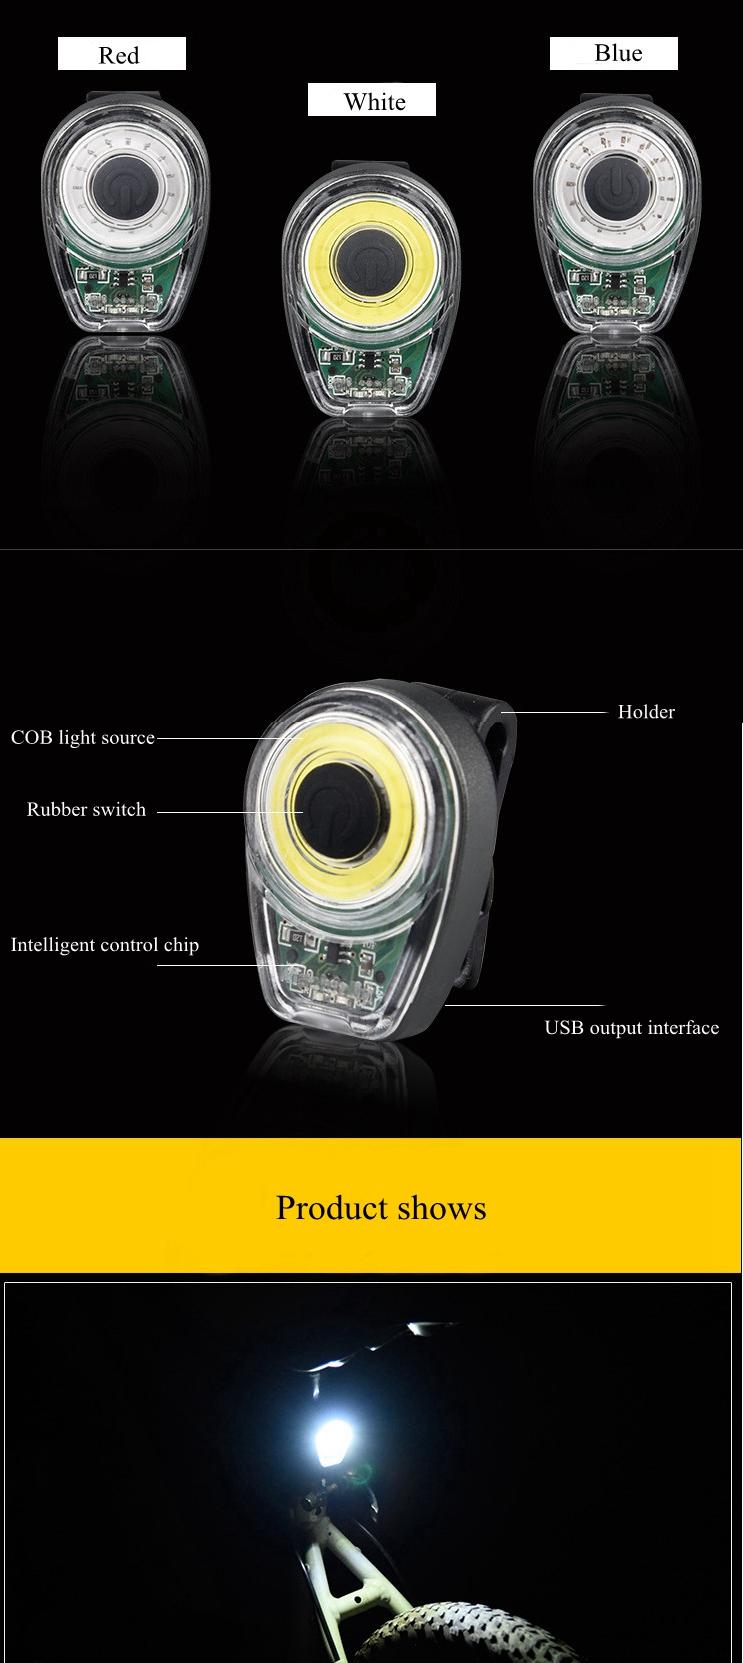 XANES STL02 Smart Bike Tail Light USB Зарядное устройство LED MTB Круглый задний фонарь безопасности - фото 9